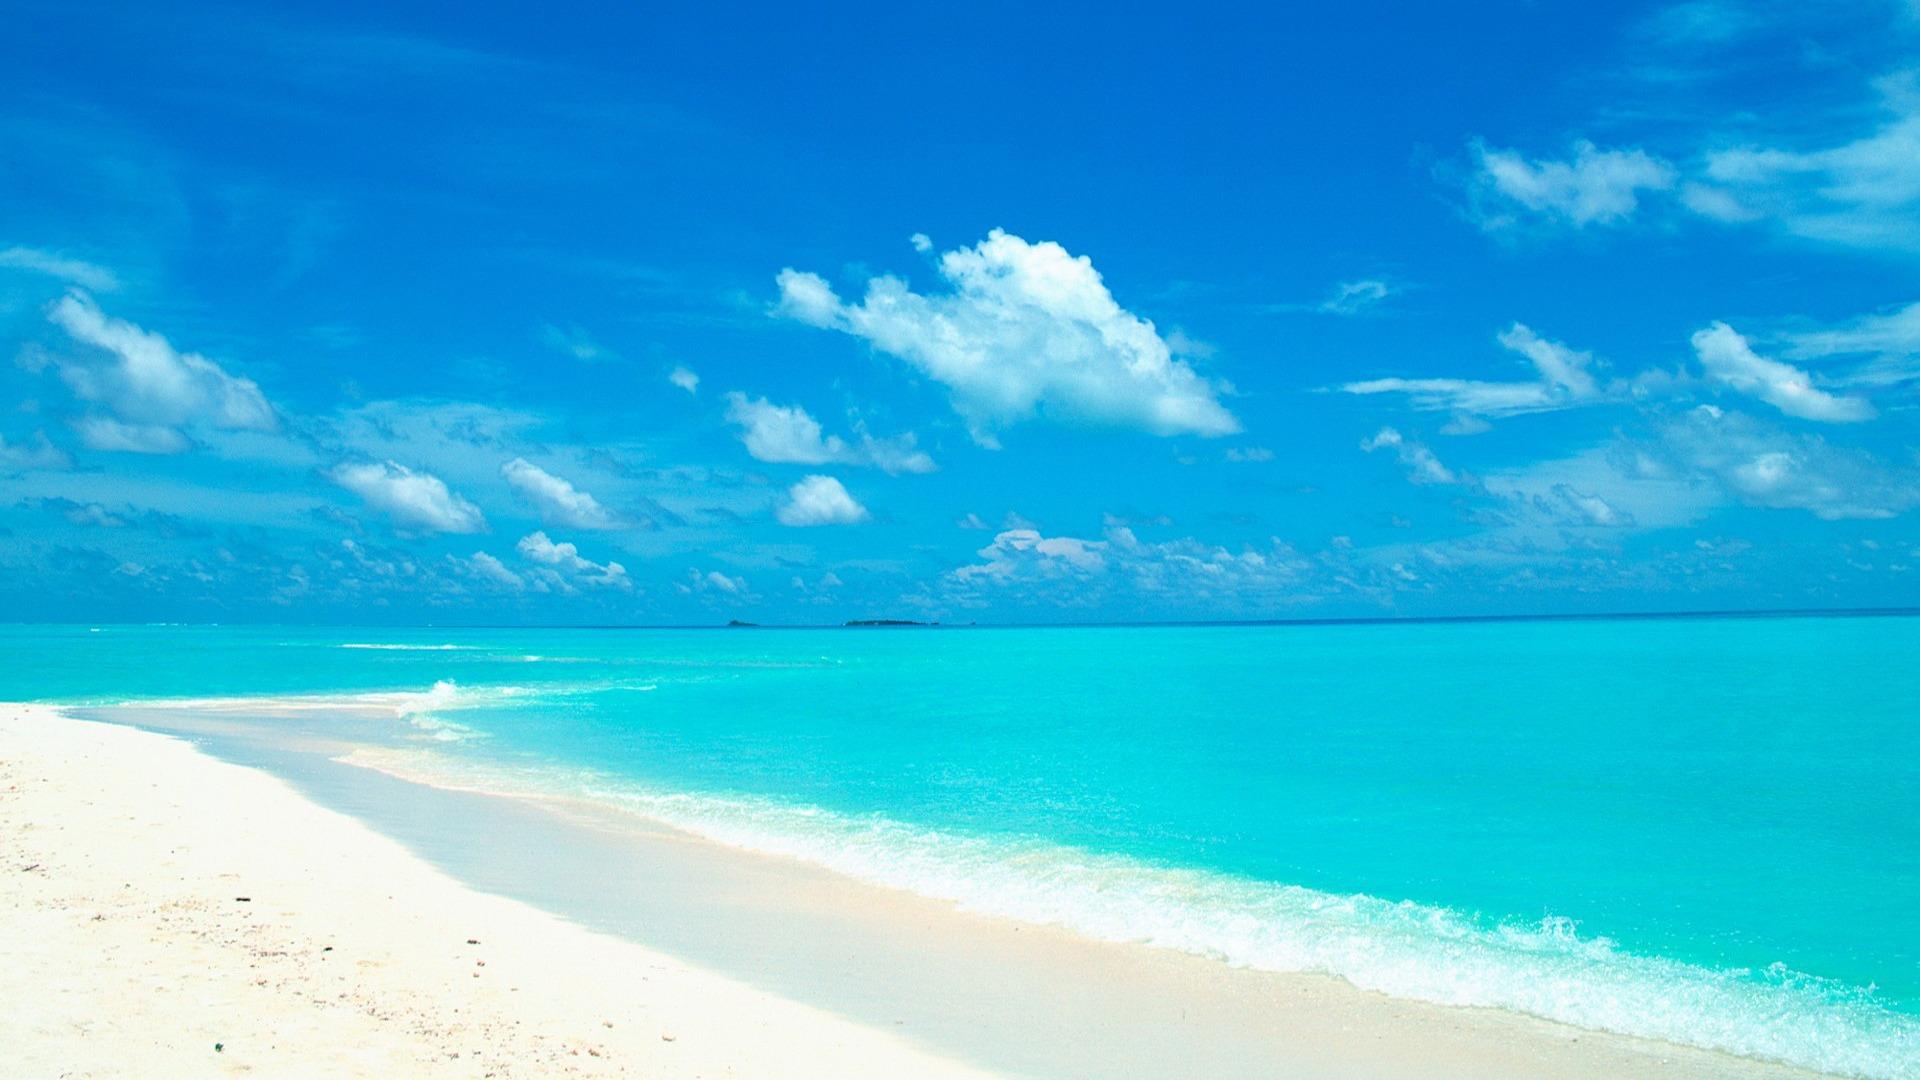 7035619-beautiful-beach-wallpaper-7628